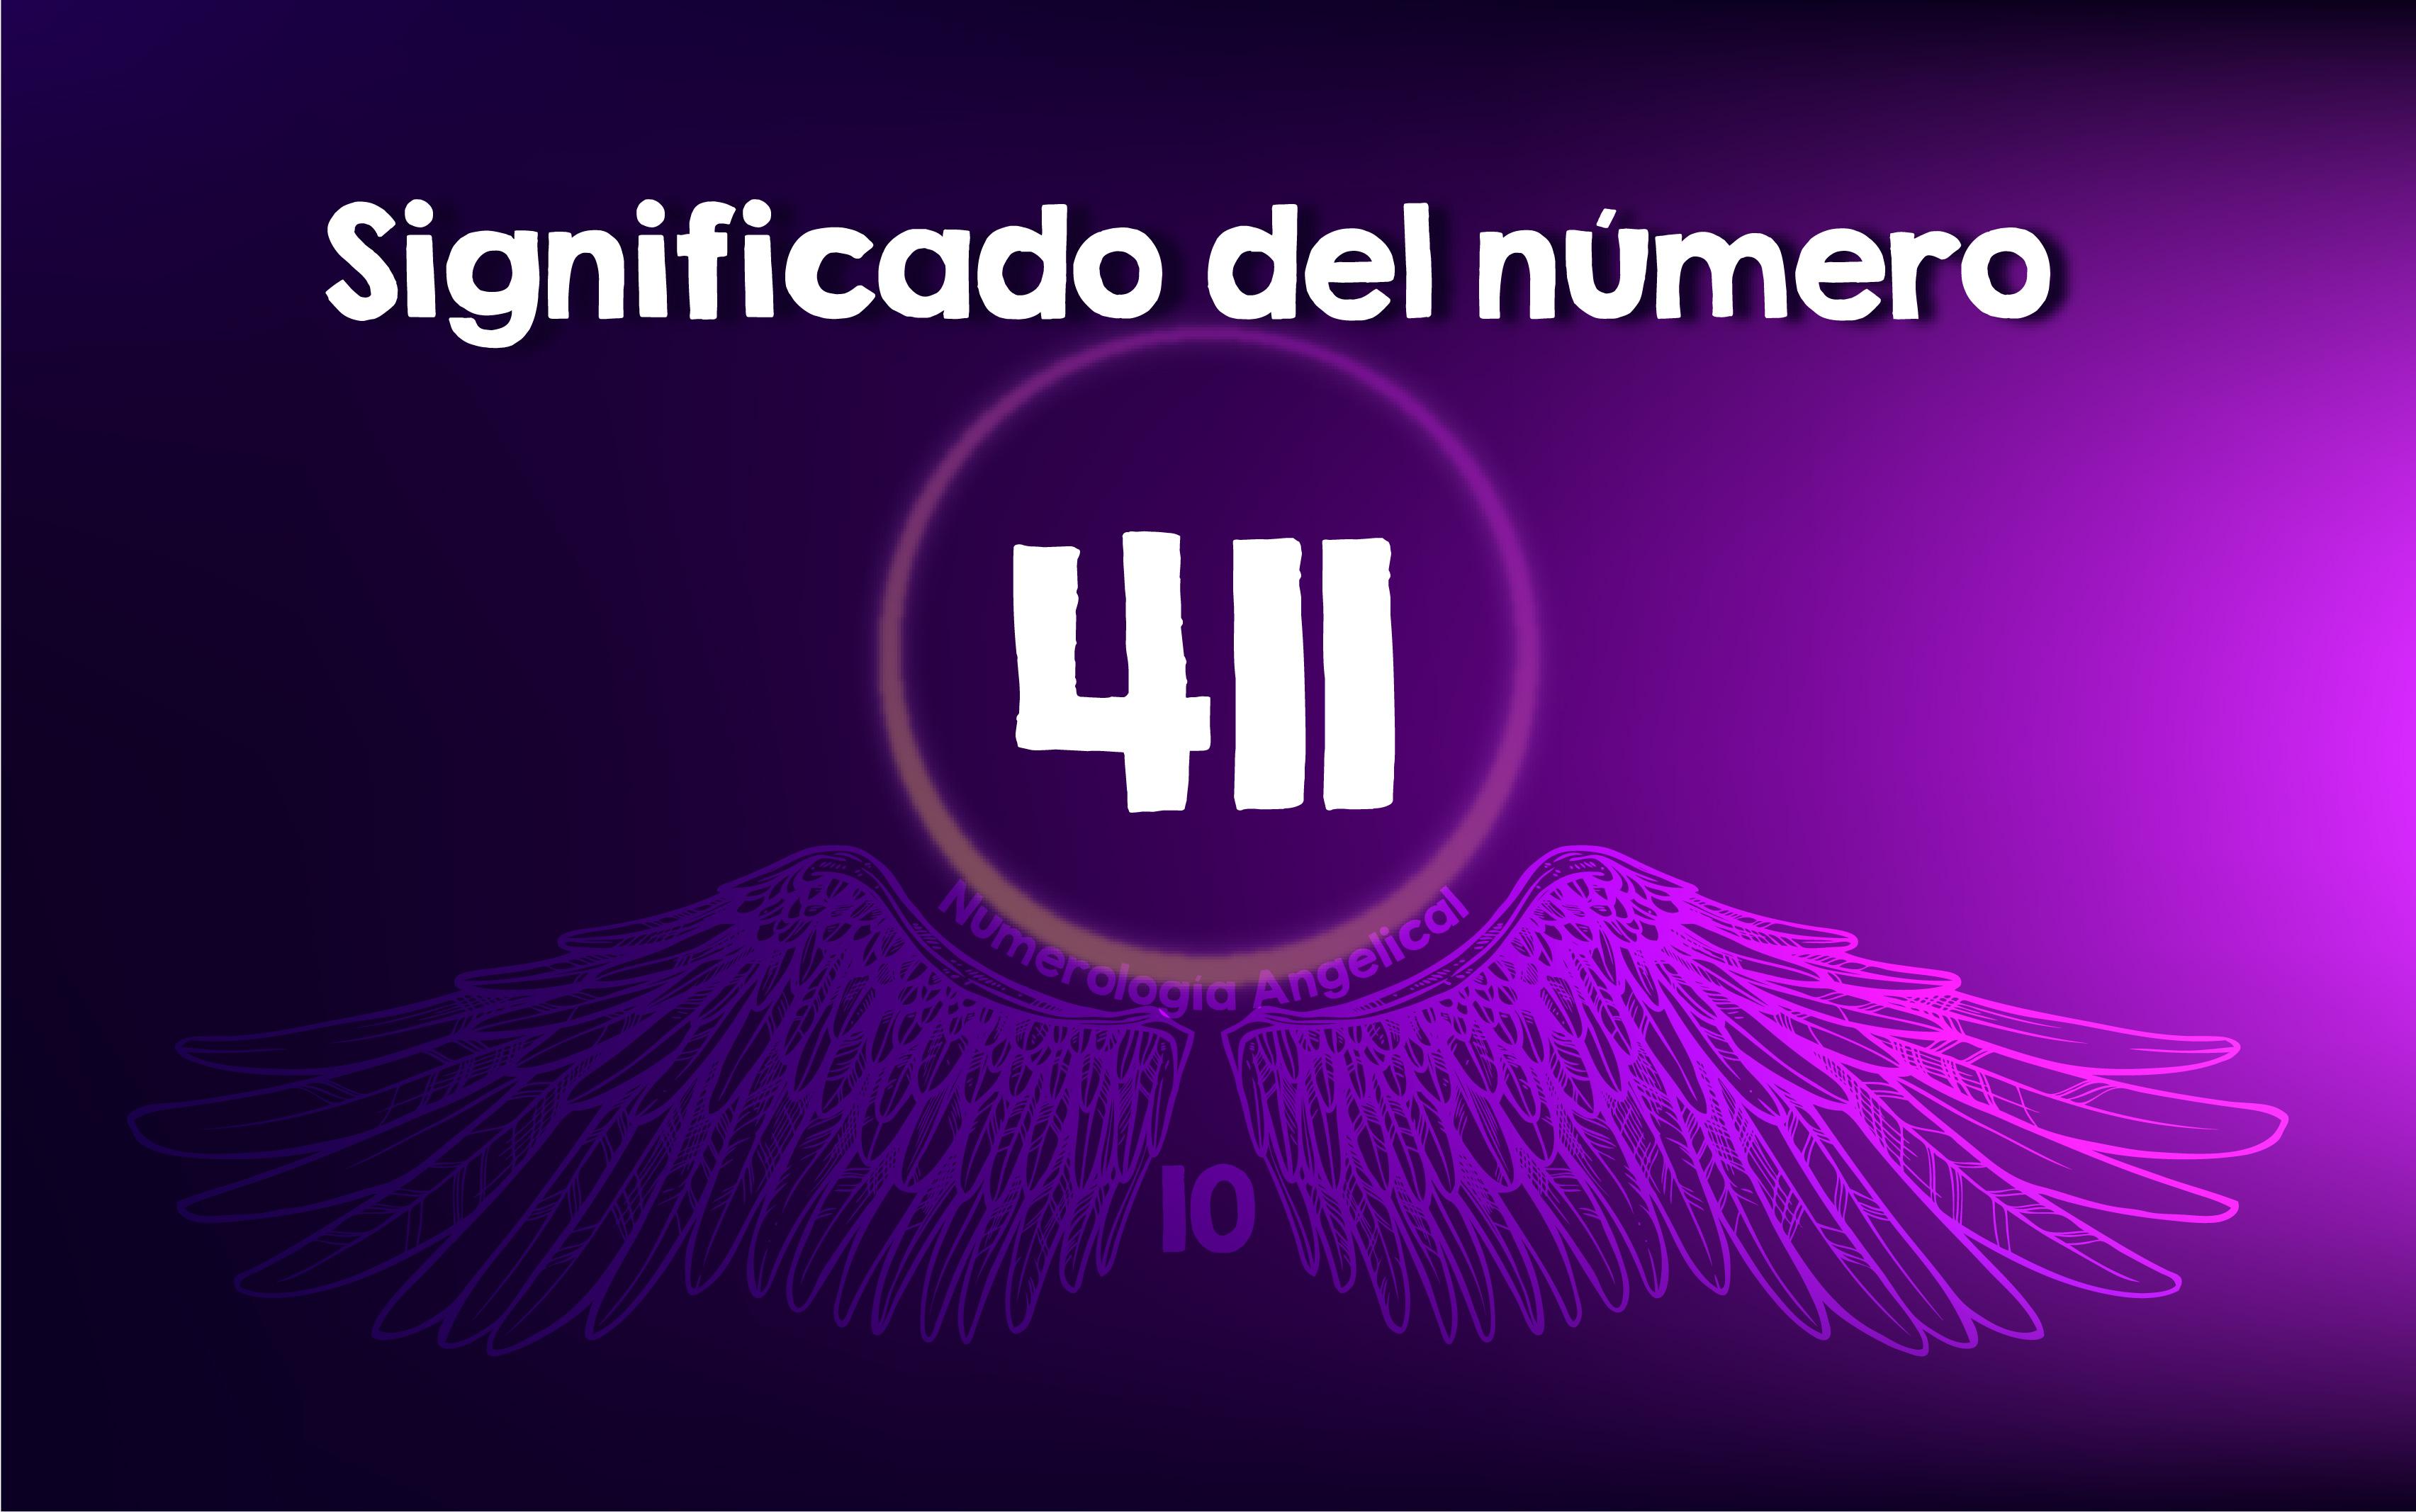 Significado del número 411